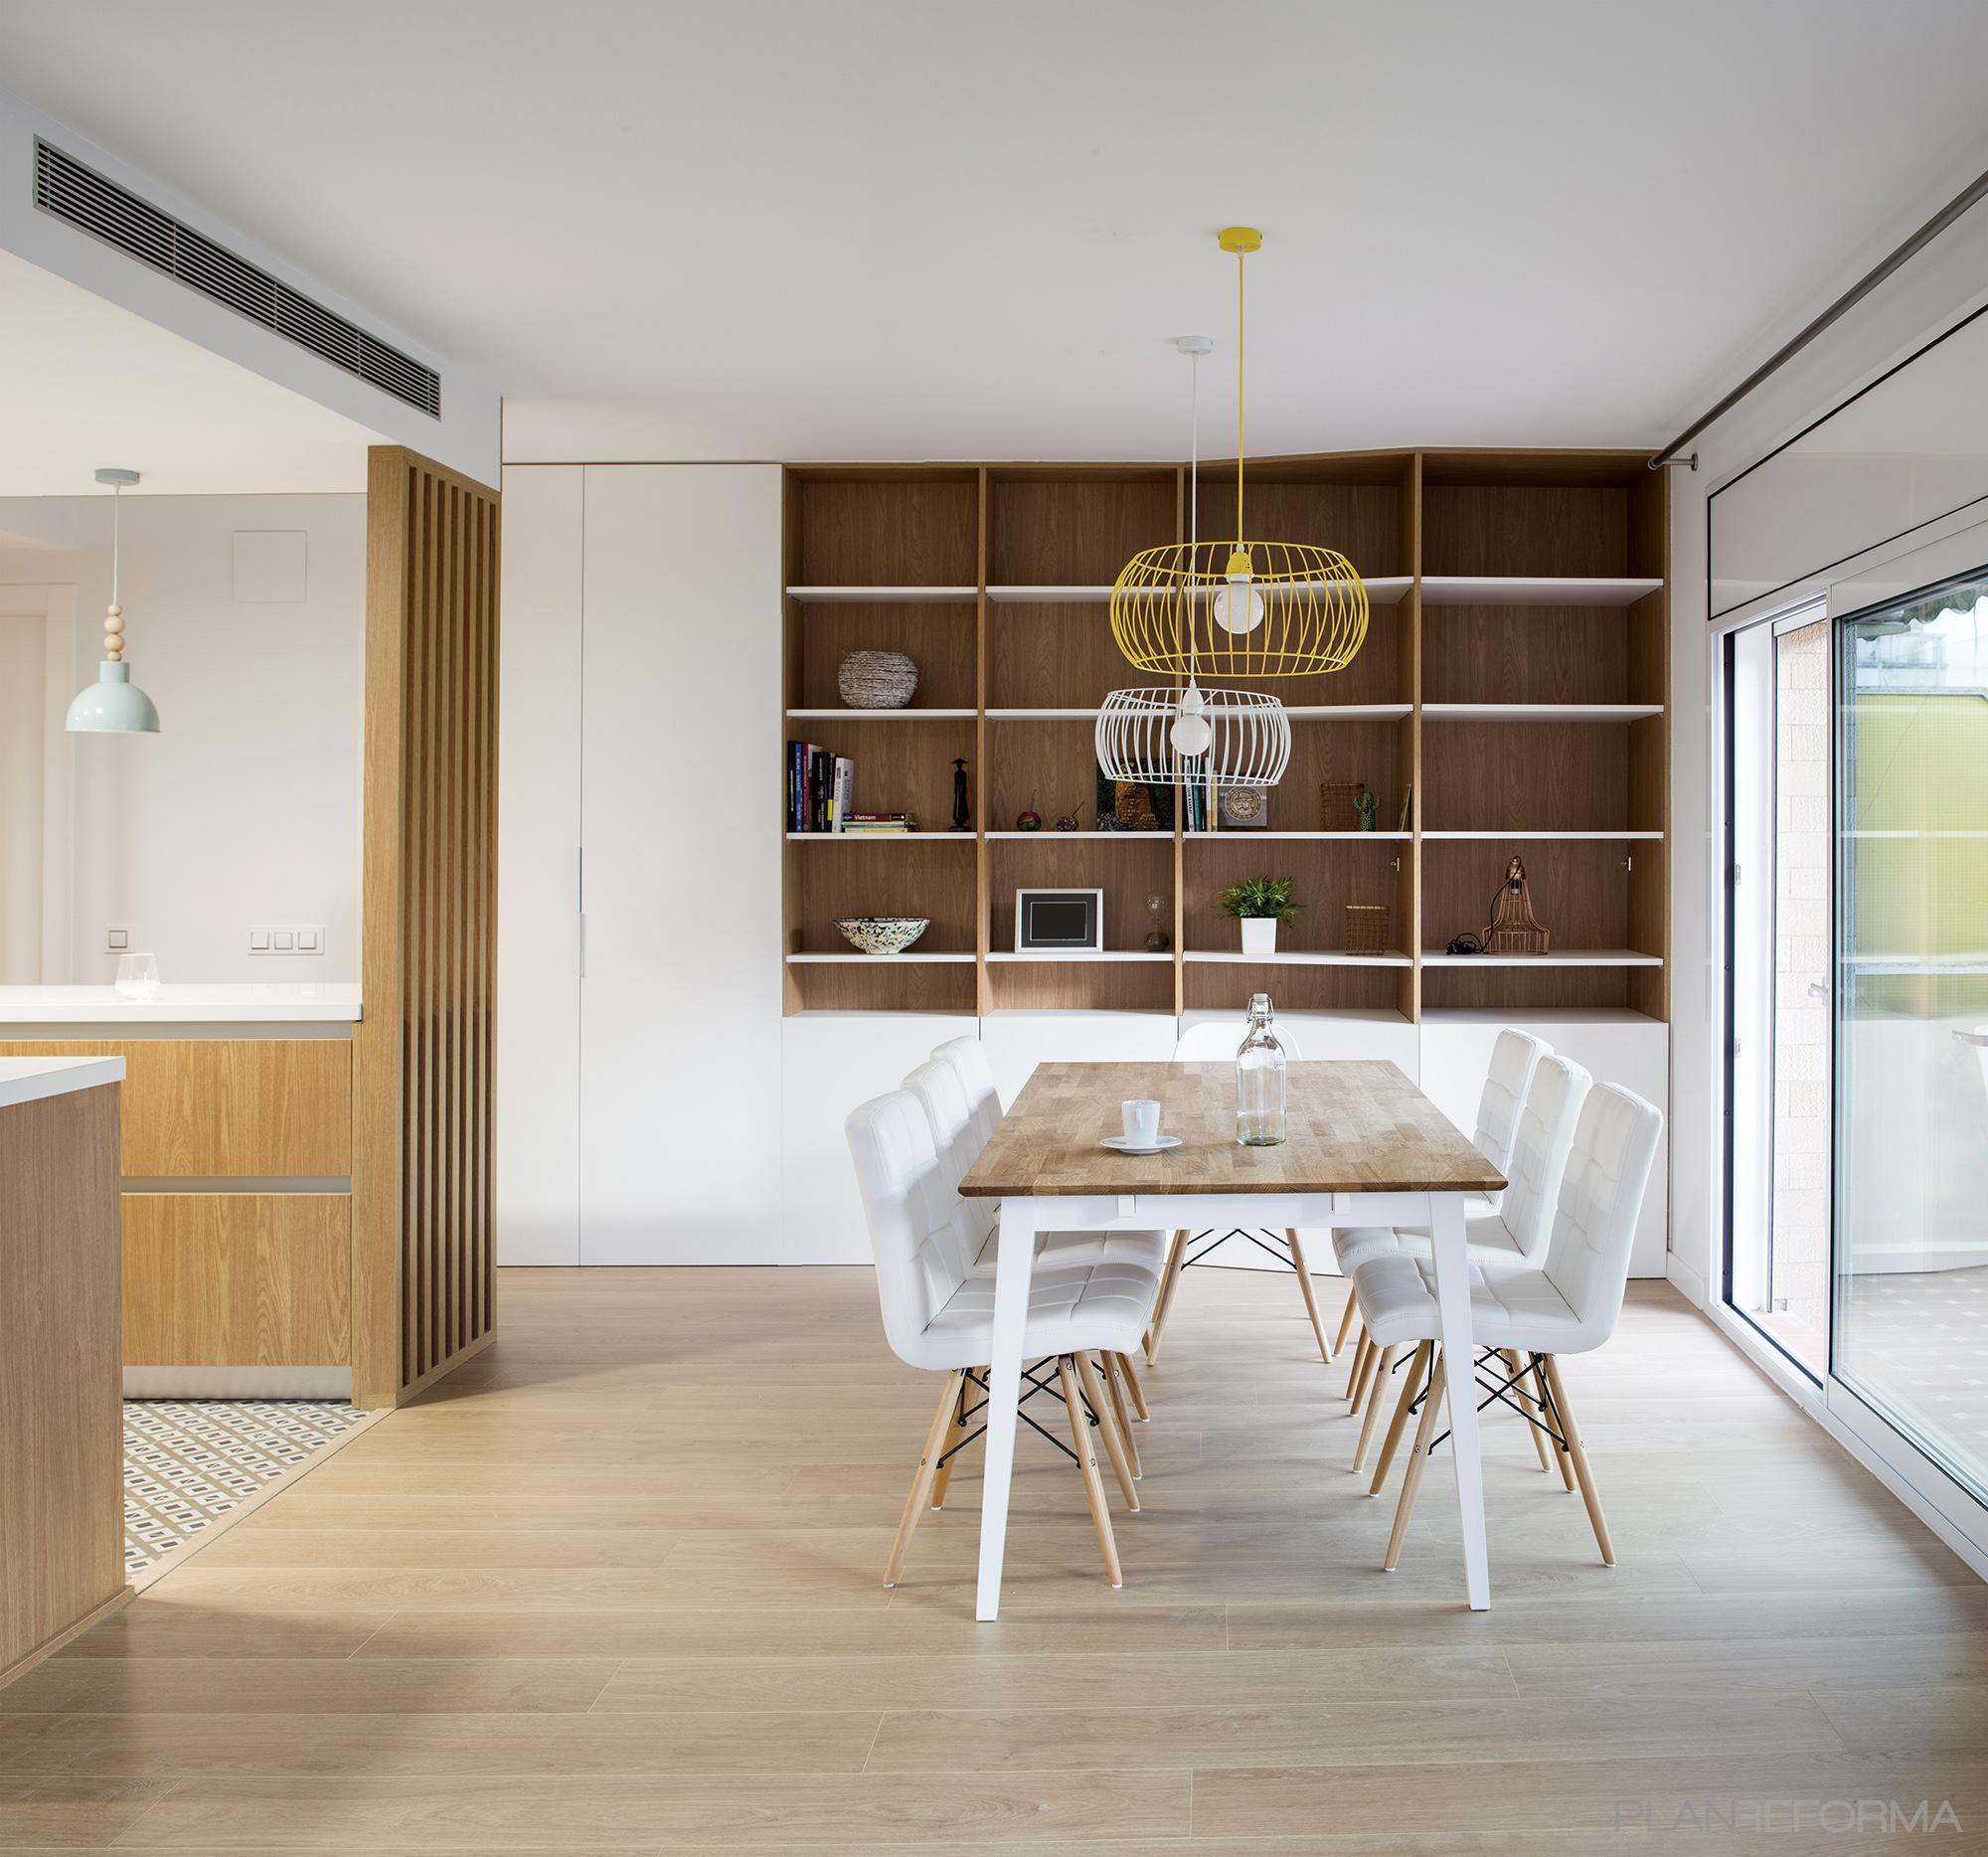 Comedor cocina salon estilo moderno color amarillo for Cocina estilo moderno